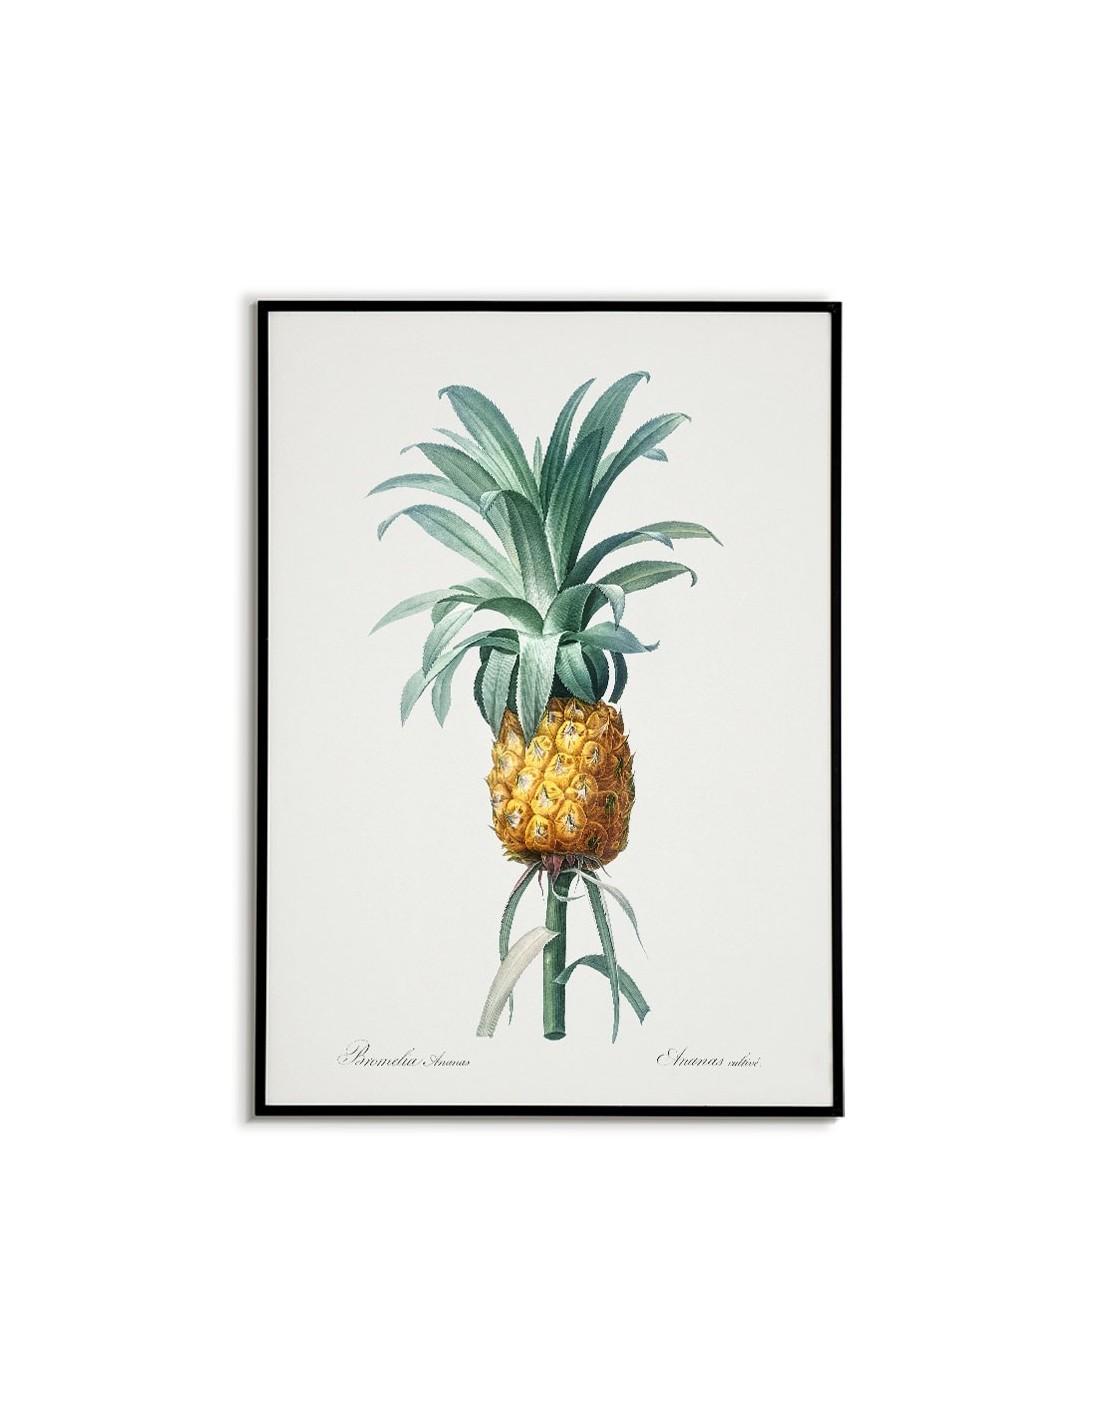 Ananas Rysunek plakat botaniczny - ananas plakat w stylu vintage